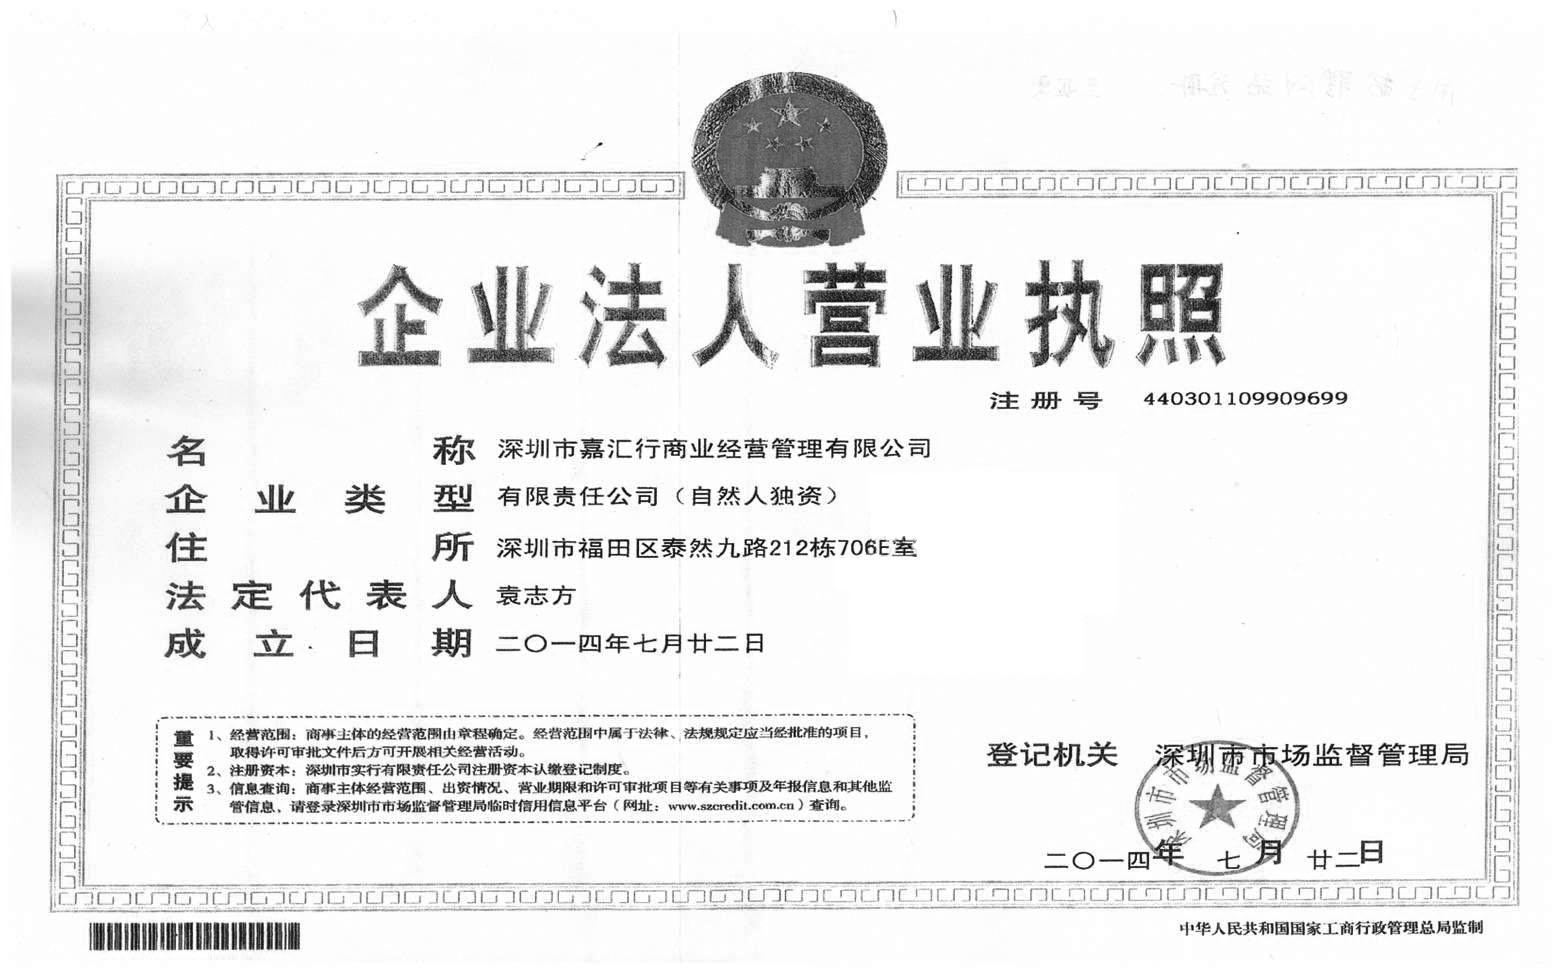 深圳市嘉汇行商业经营管理有限公司_企业档案